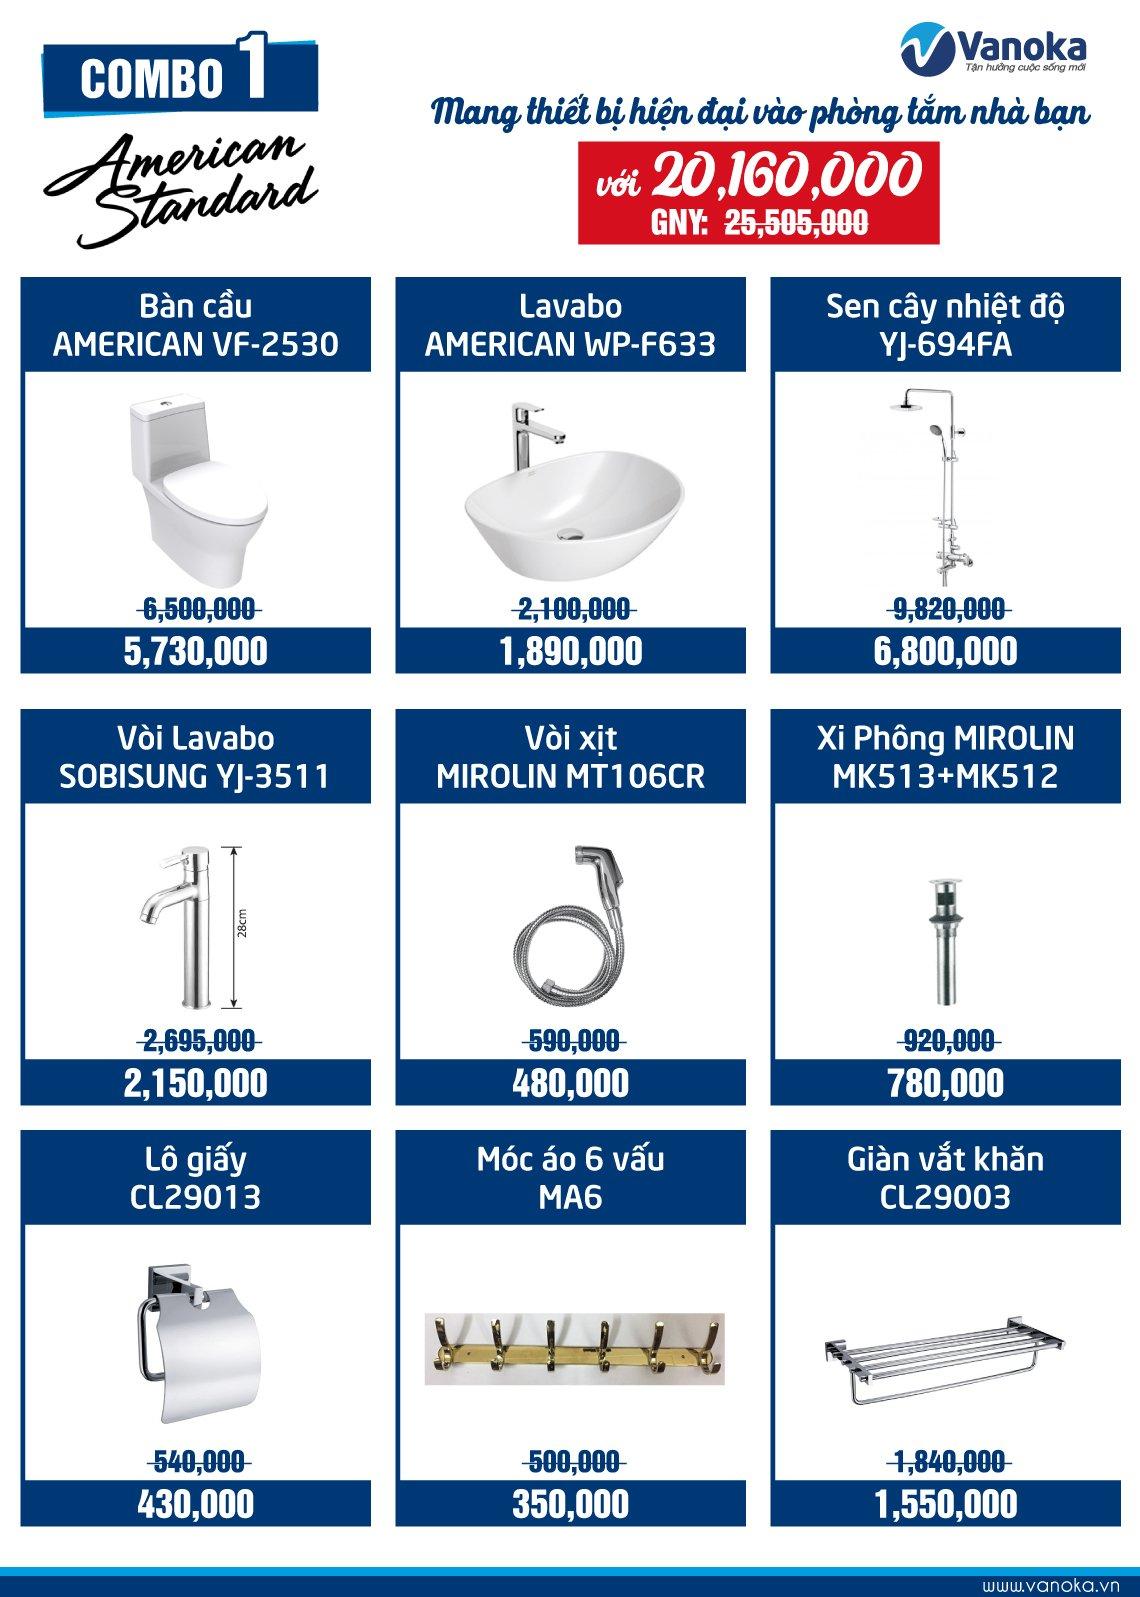 Combo American Standard 1: Mang thiết bị hiện đại vào phòng tắm nhà bạn thumbnail